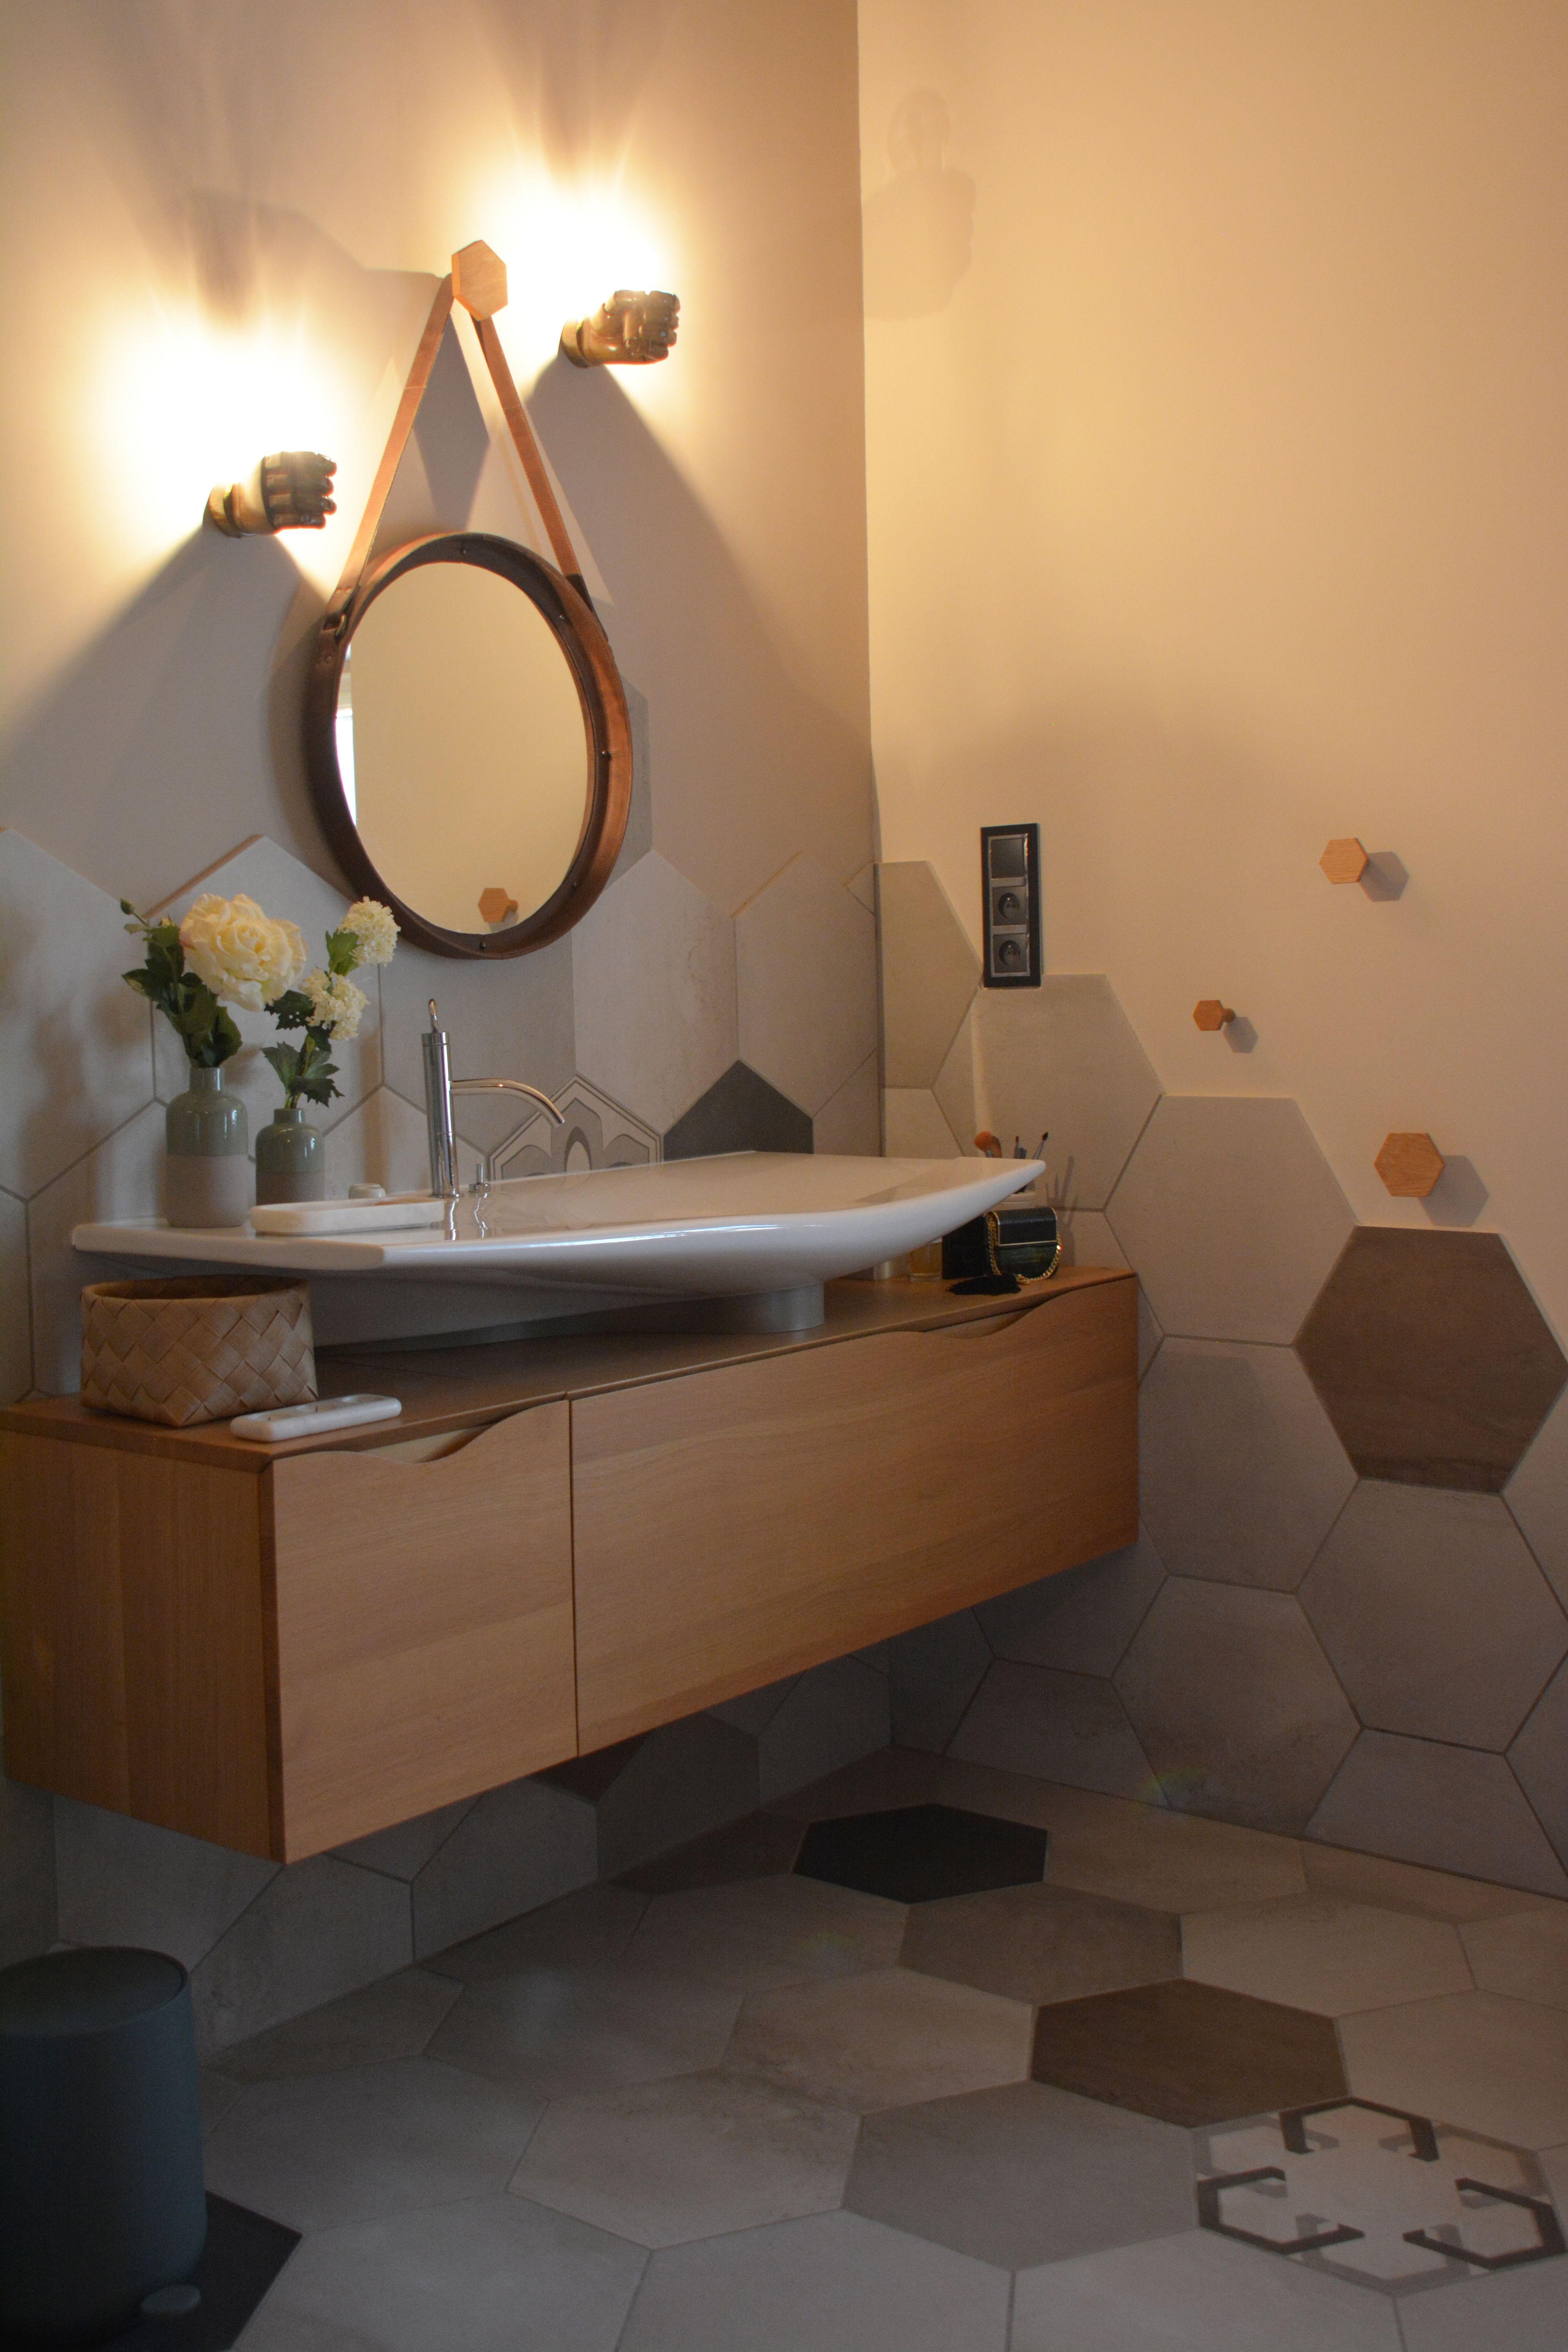 decoration de la salle de bain avec carreaux ciment hexagonaux beige marron gris avec grande va idee salle de bain deco salle de bain idee deco salle de bain